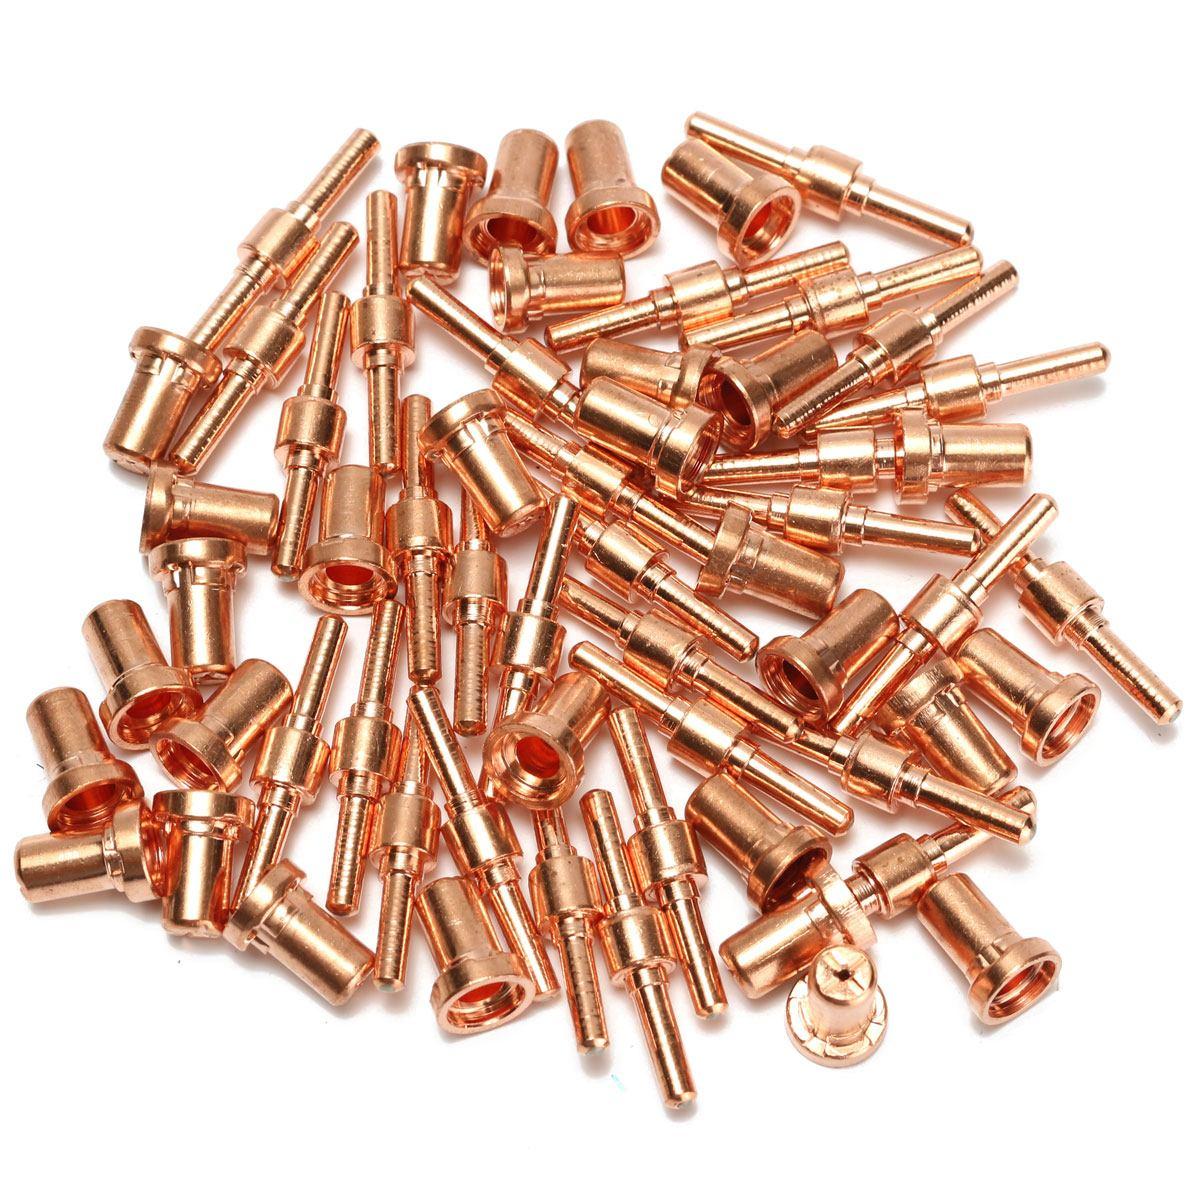 60 pces consumíveis prolongados elétrodos e bocais